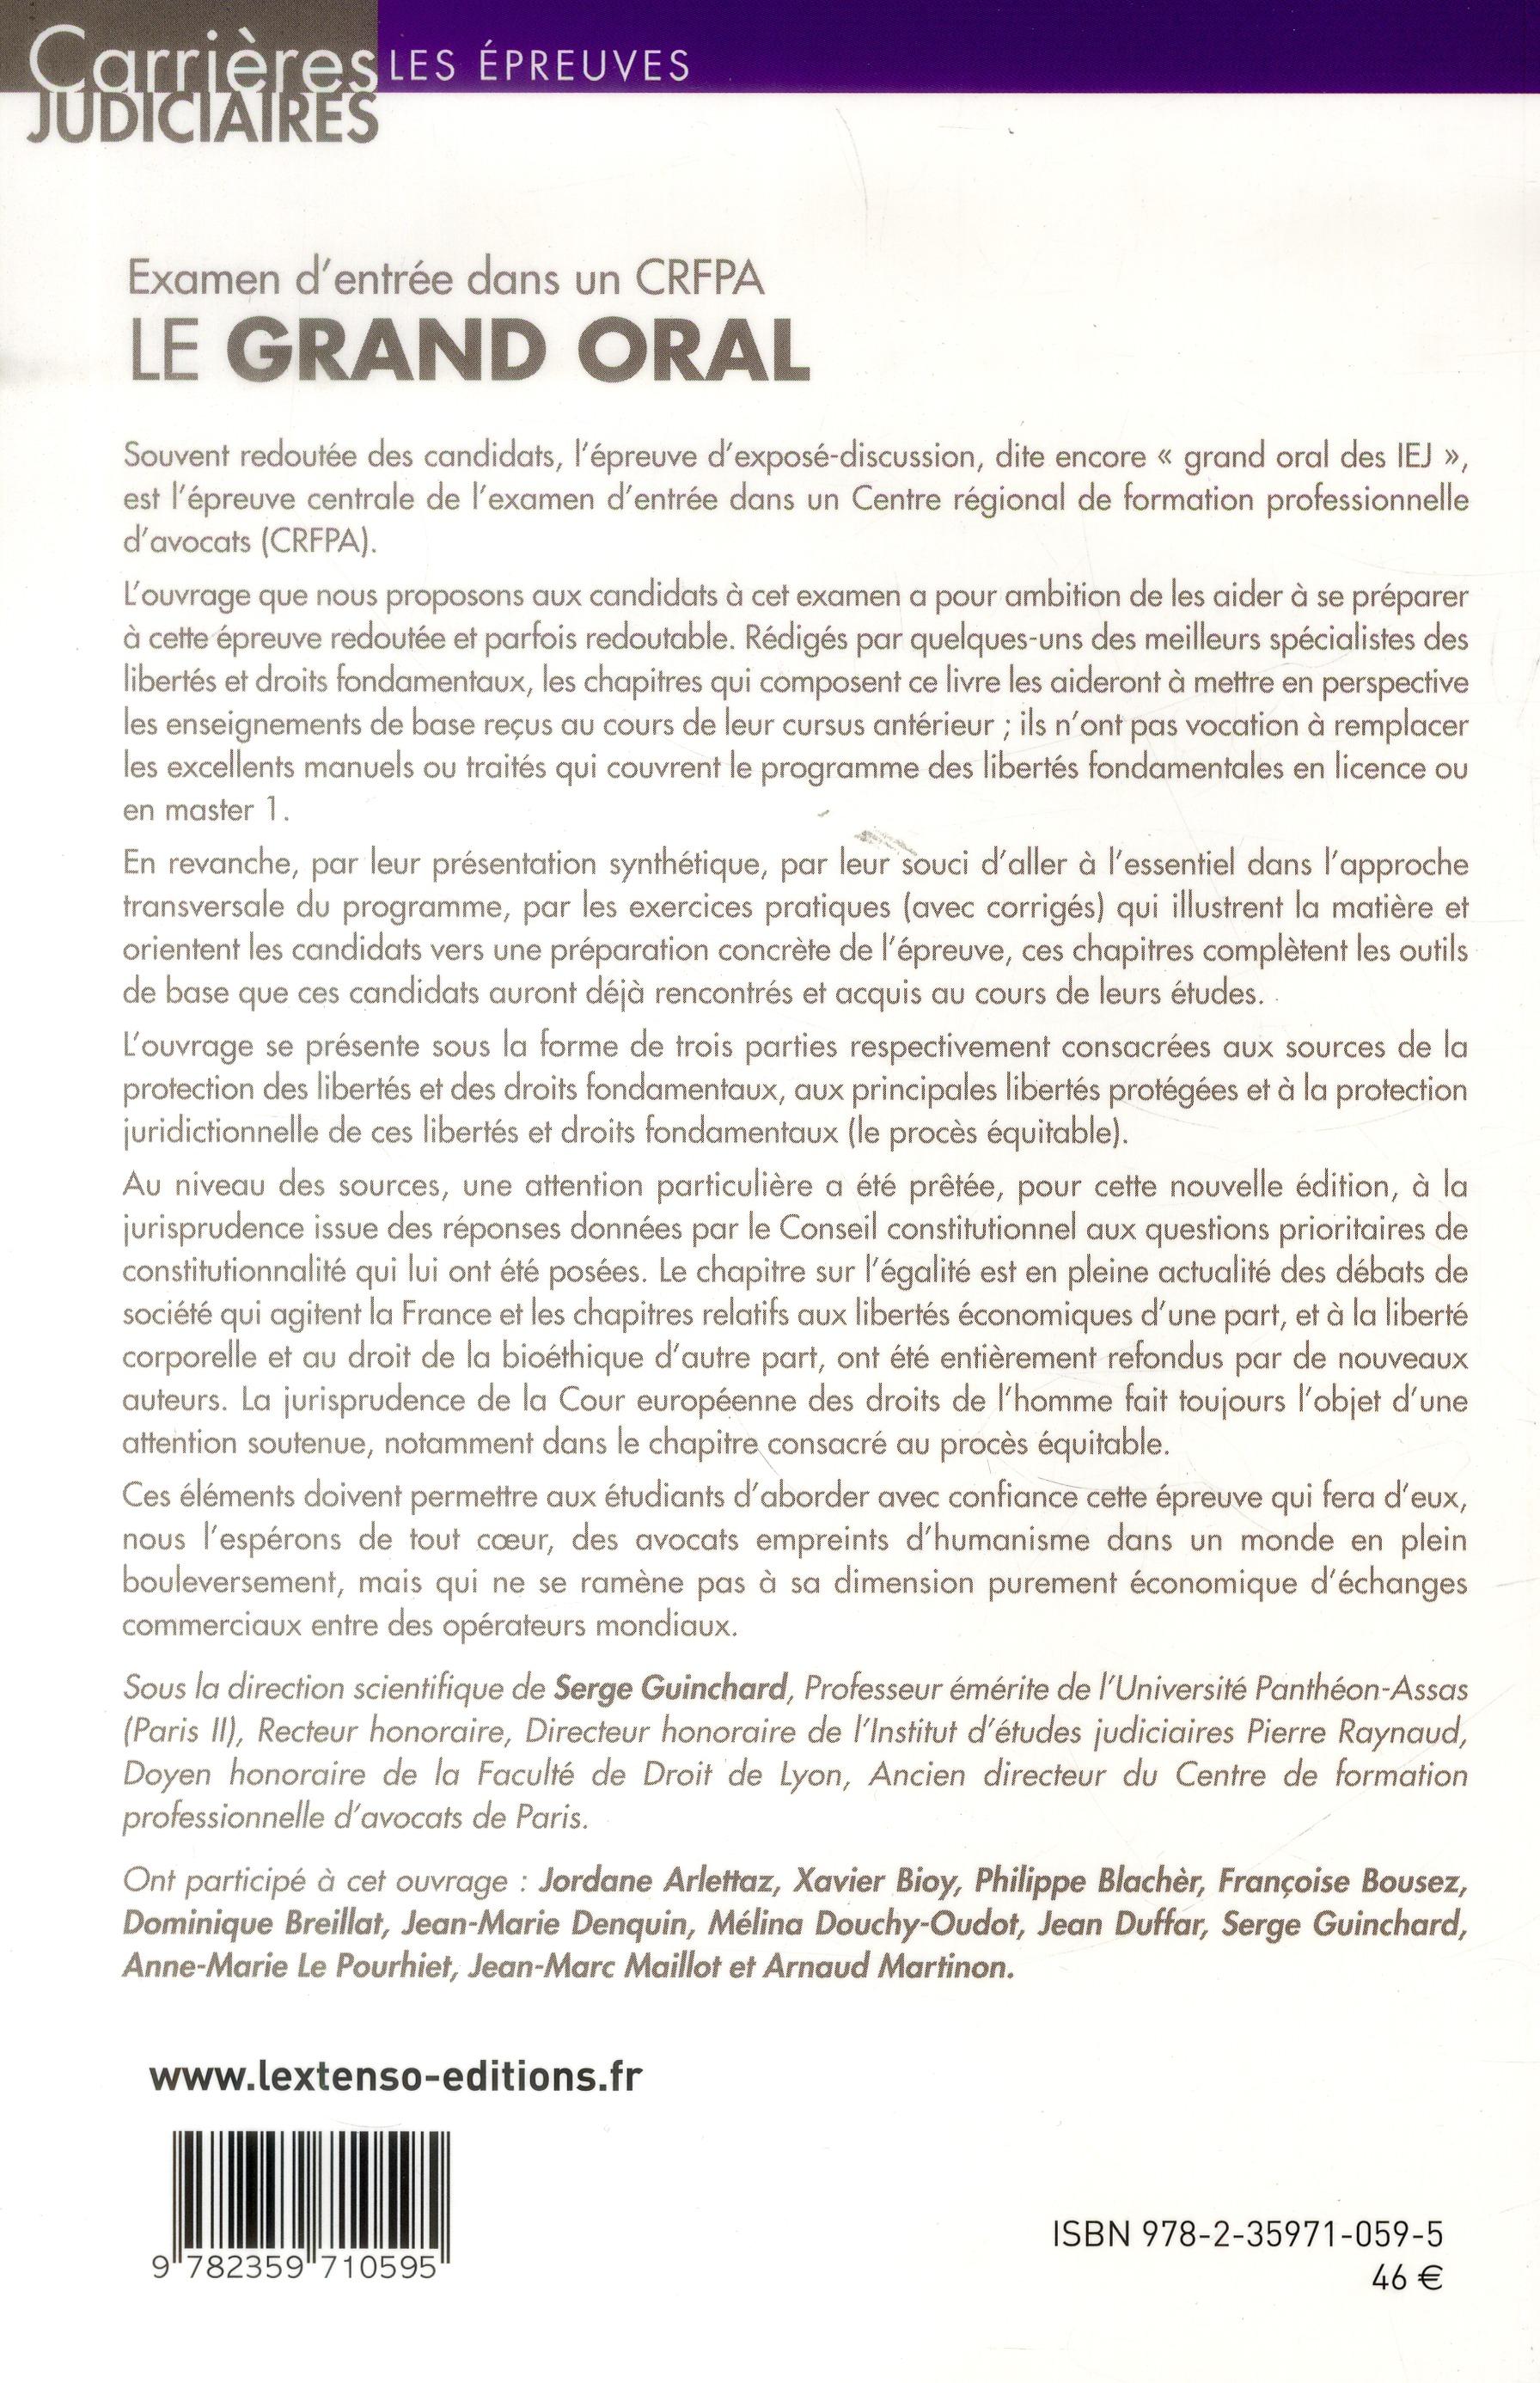 Examen d'entrée dans un CRFPA ; le grand oral ; protection des libertés et des droits fondamentaux